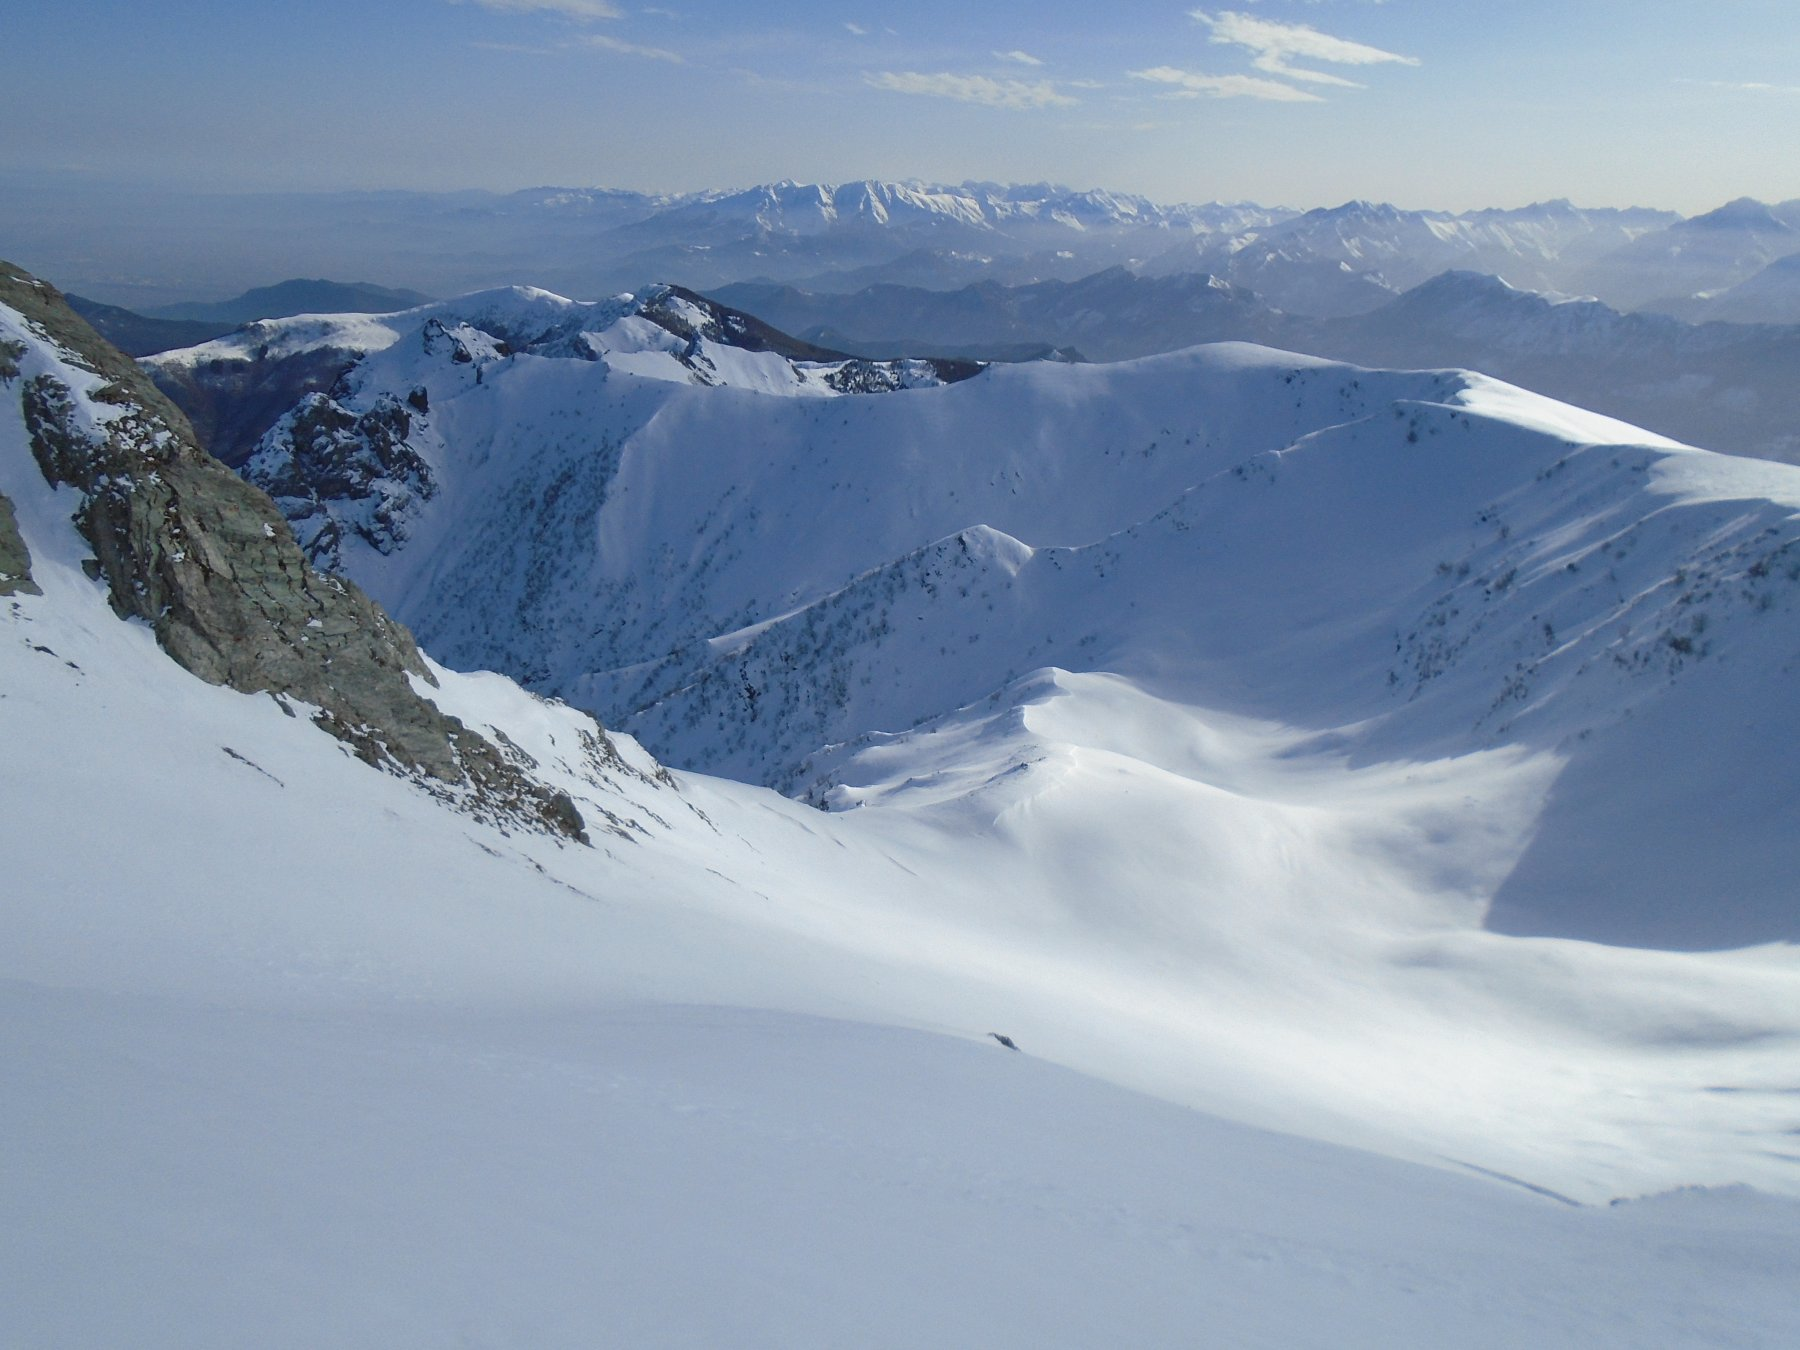 Laggiu' a sx L' Alpe di Rittana